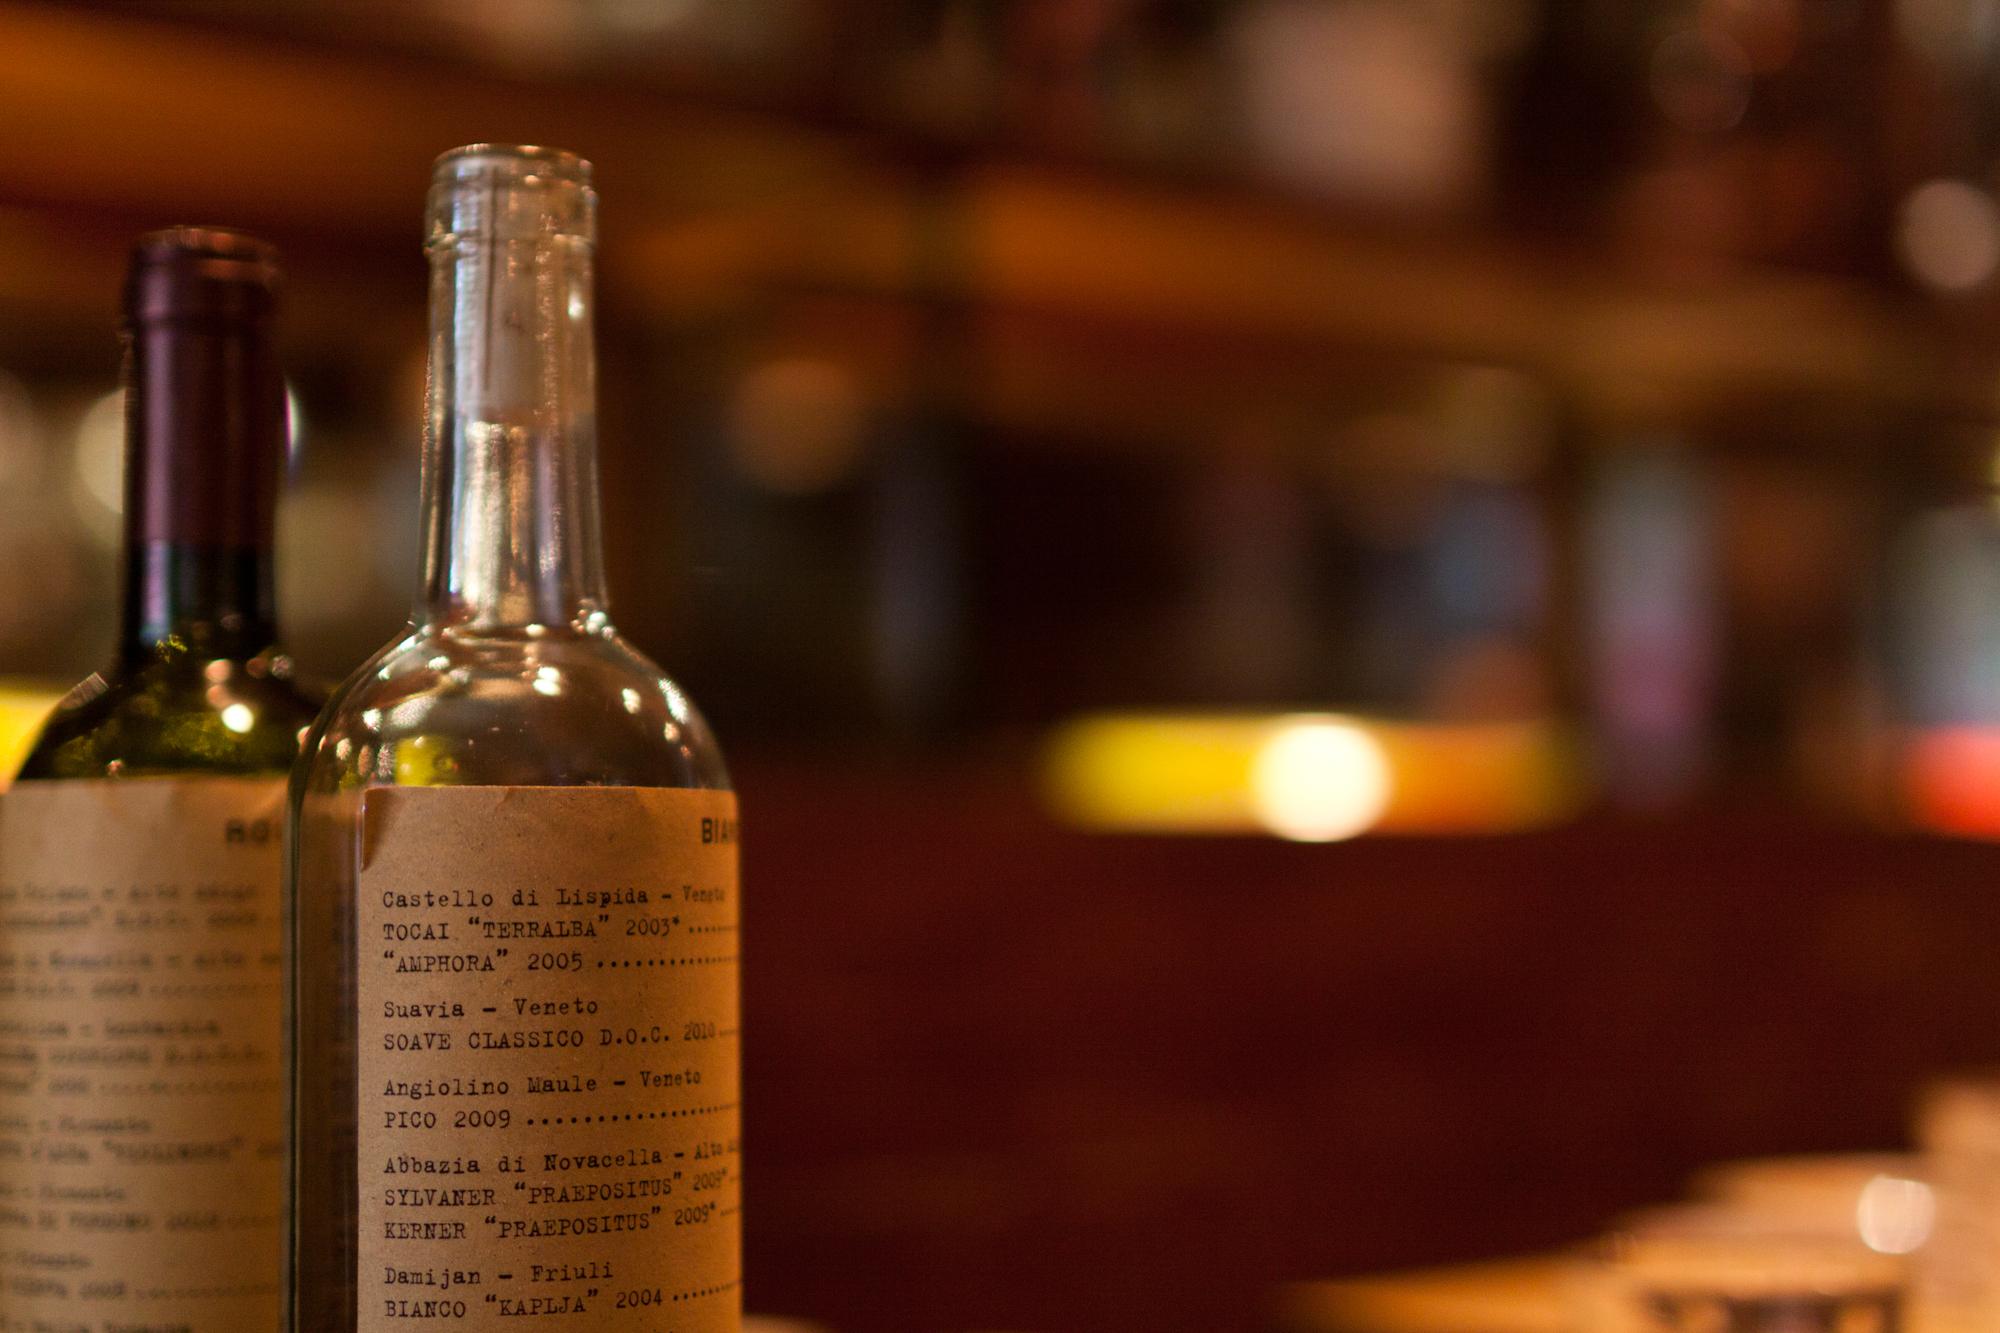 Wine menus printed on empty wine bottles